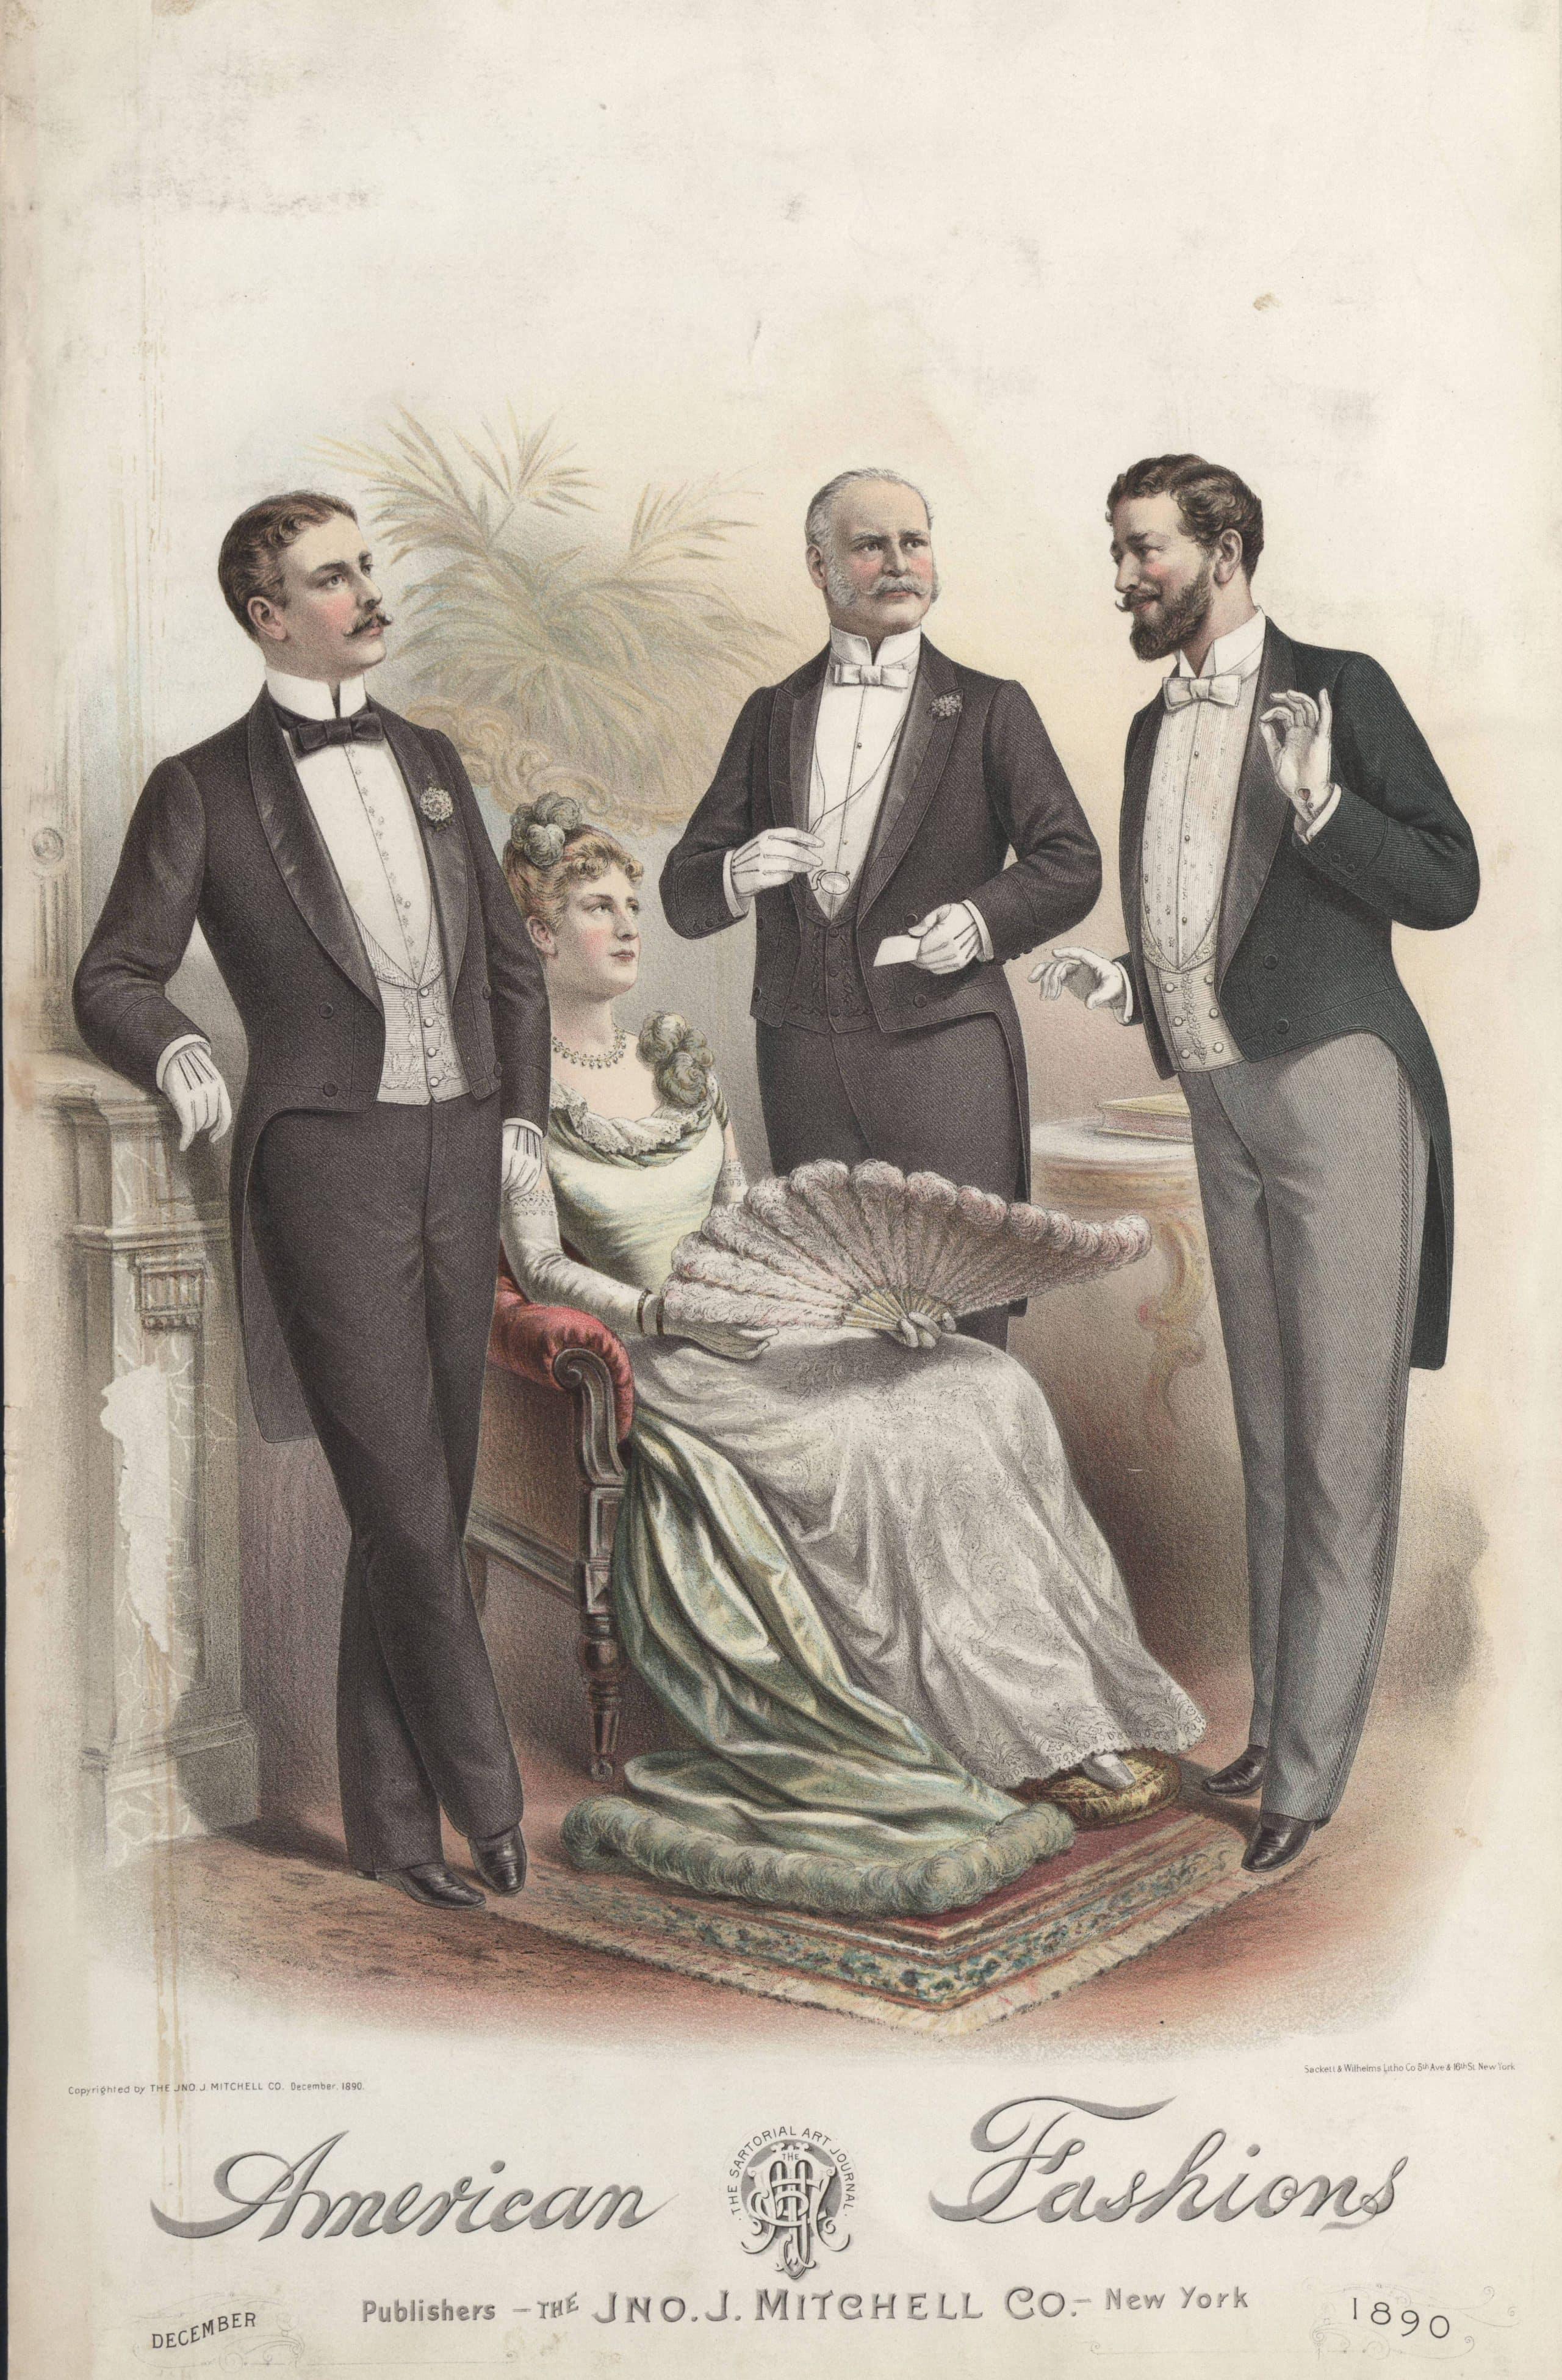 herrmode från slutet av 1800-talet